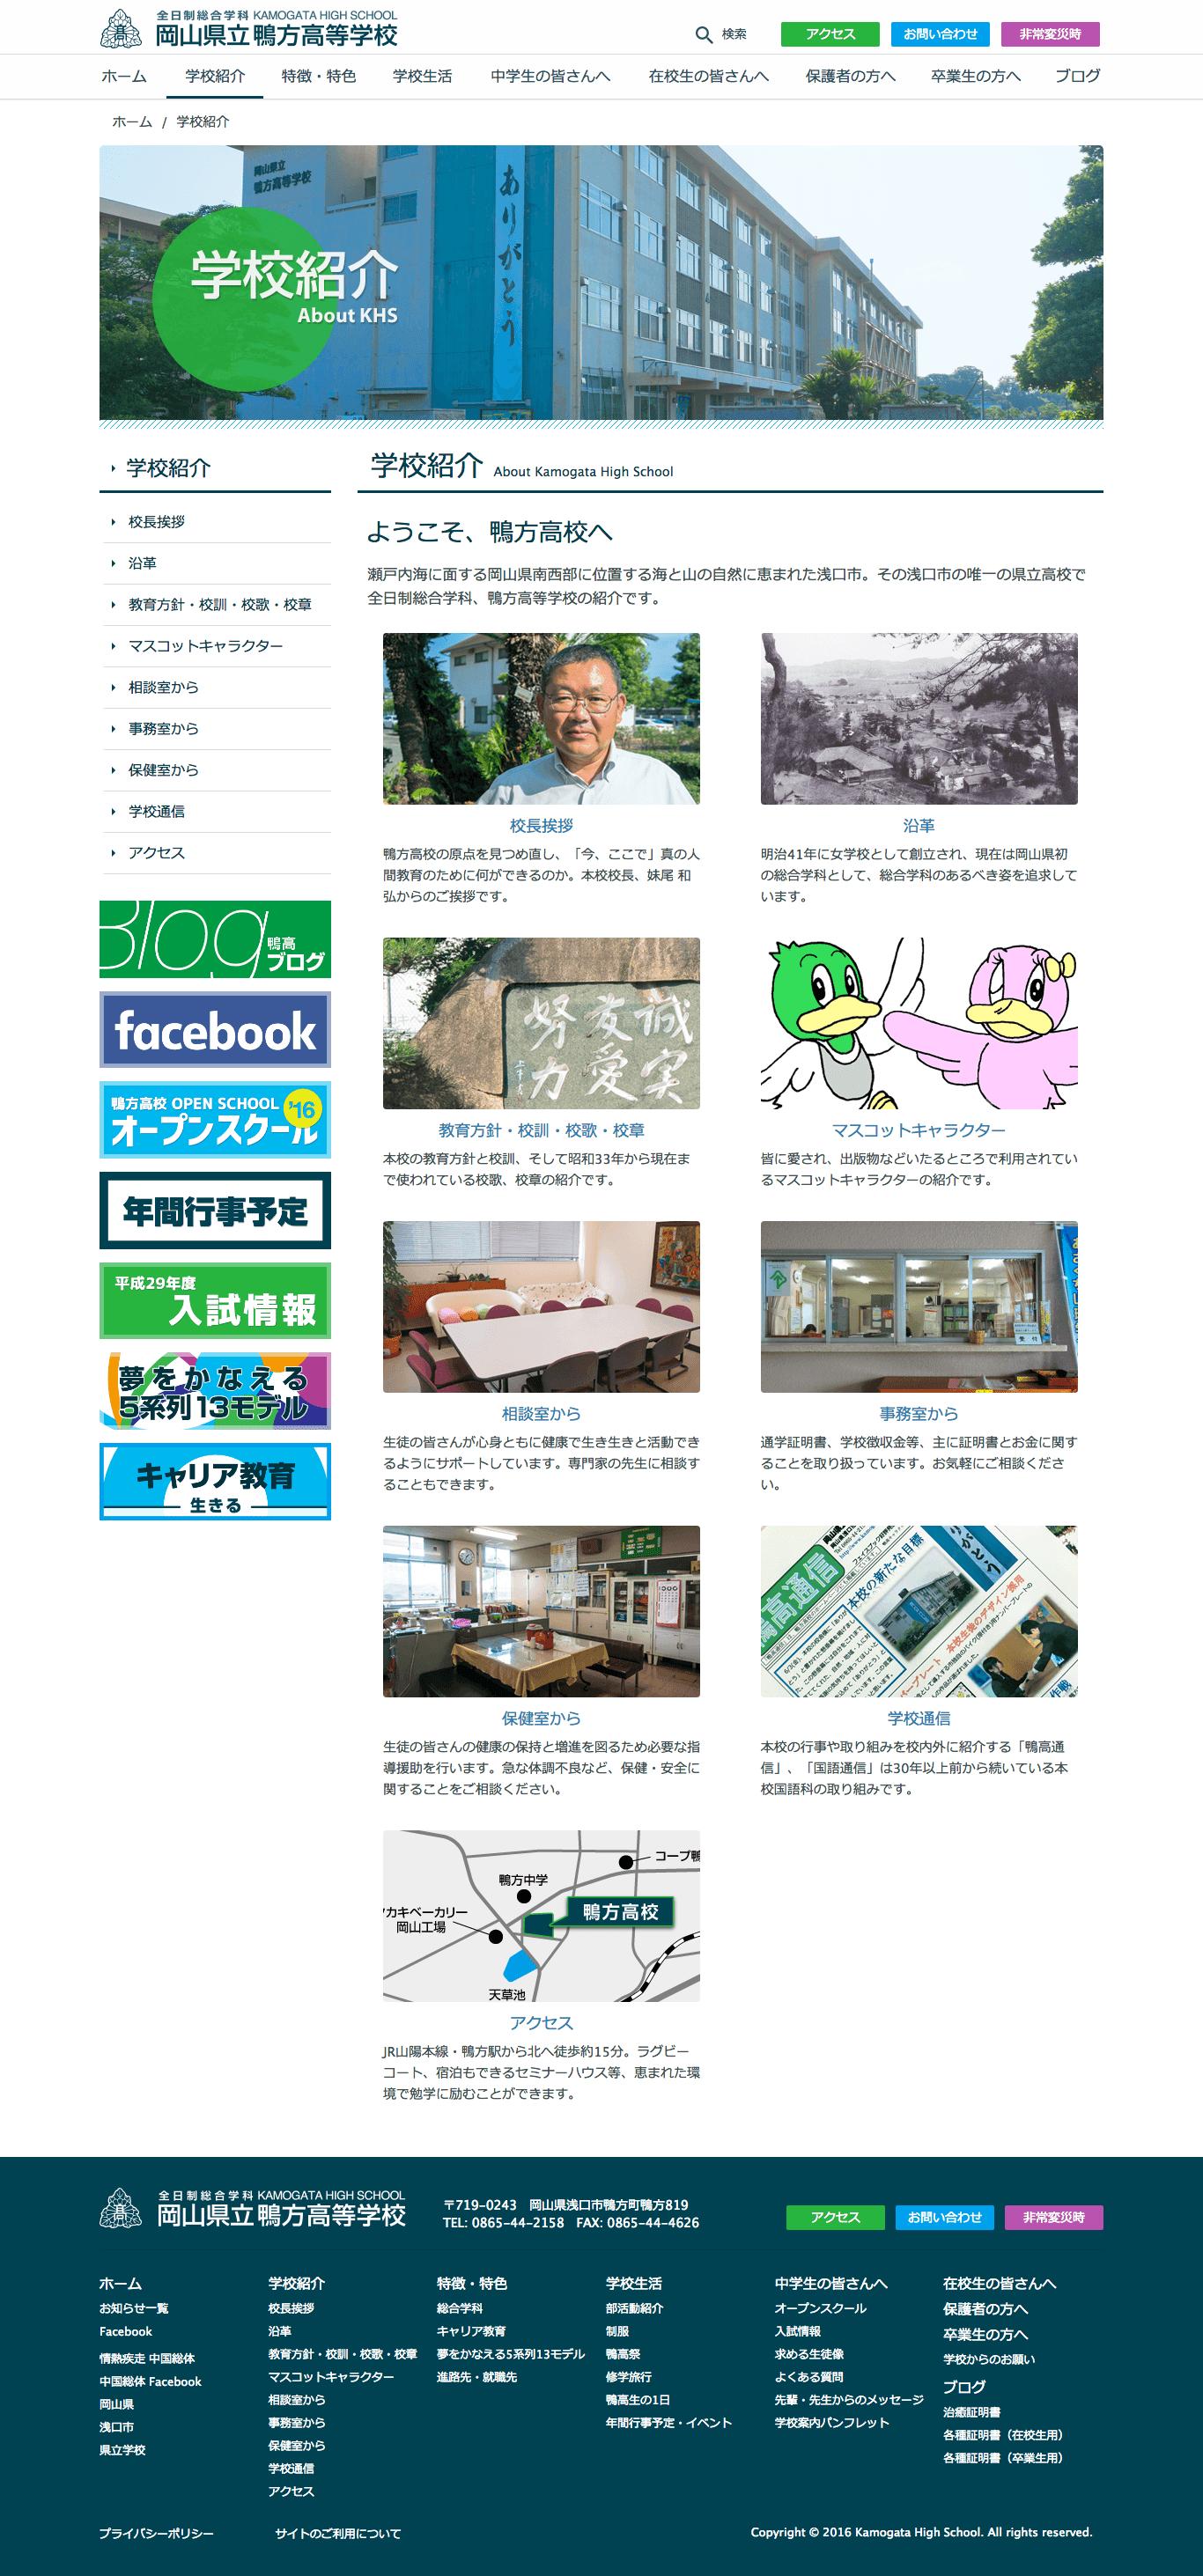 ホームページ作成 実績 鴨方高校ホームページ 学校紹介ページ